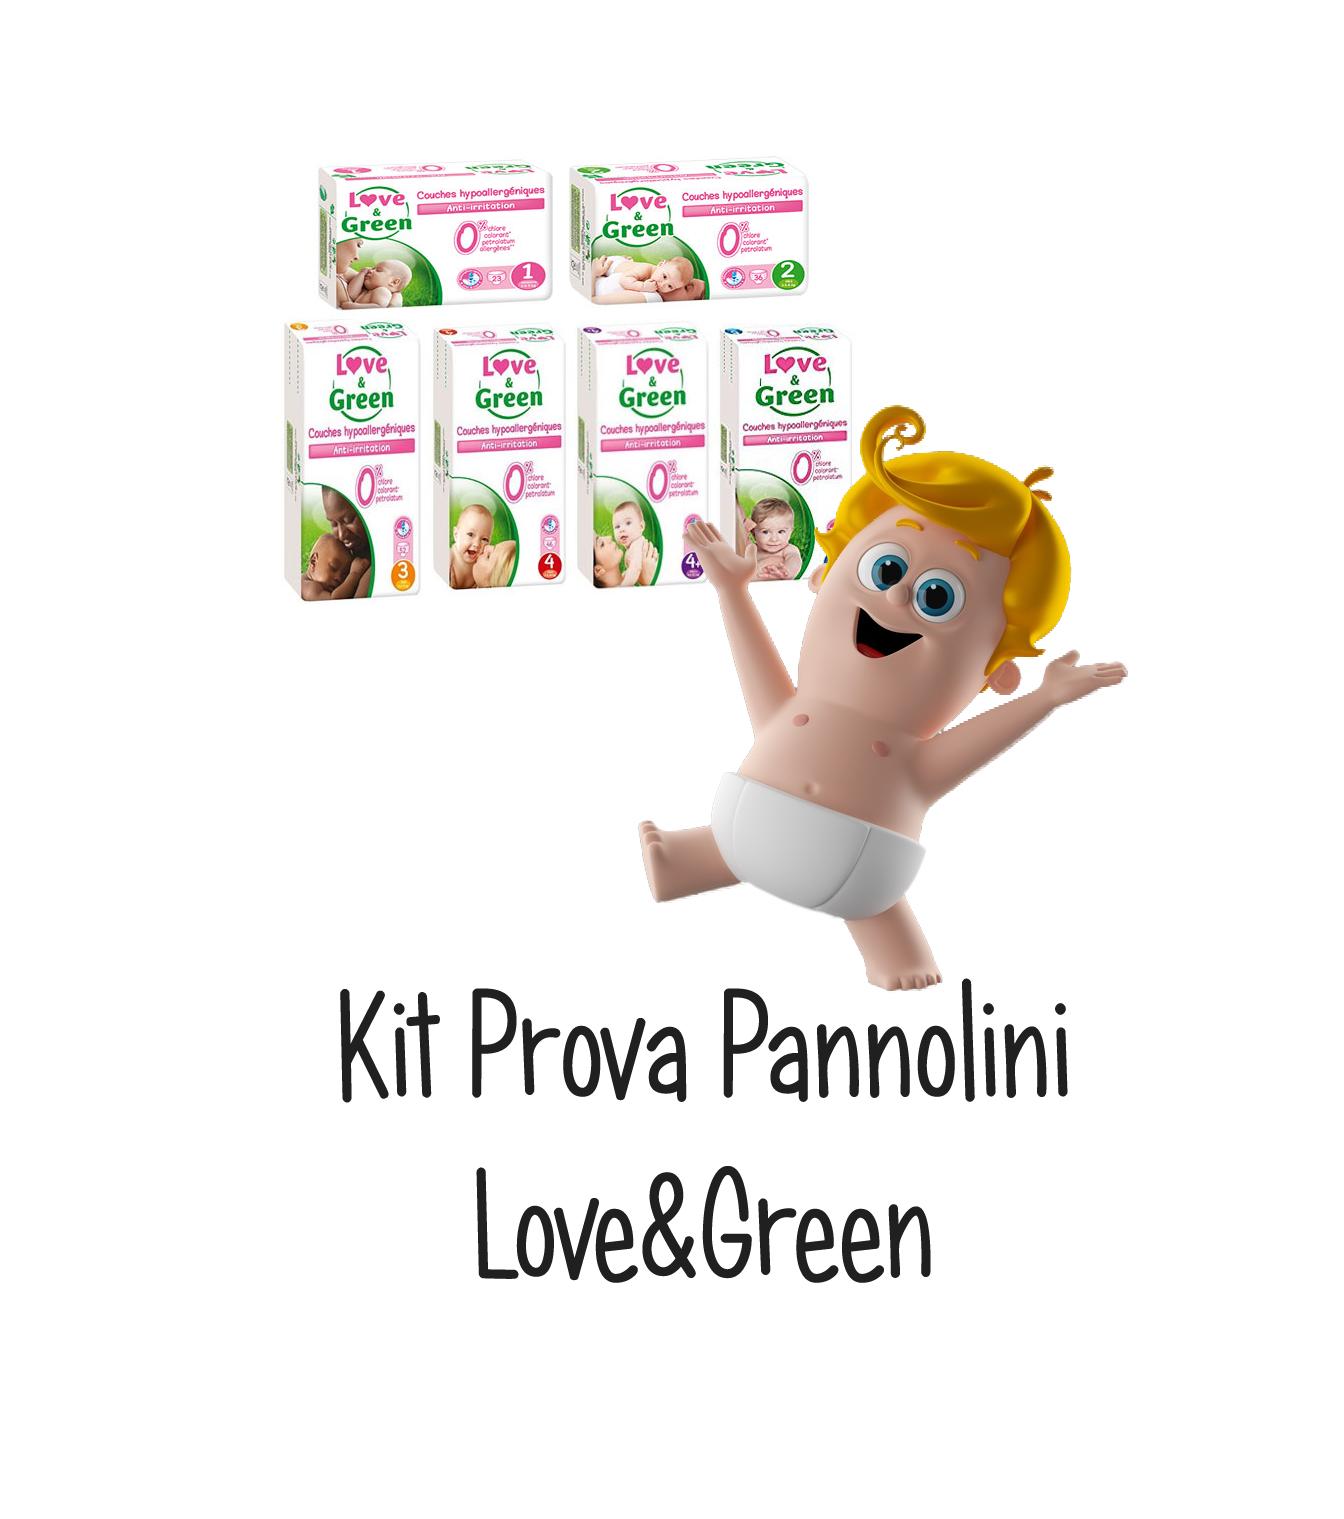 kit prova pannolini love&green